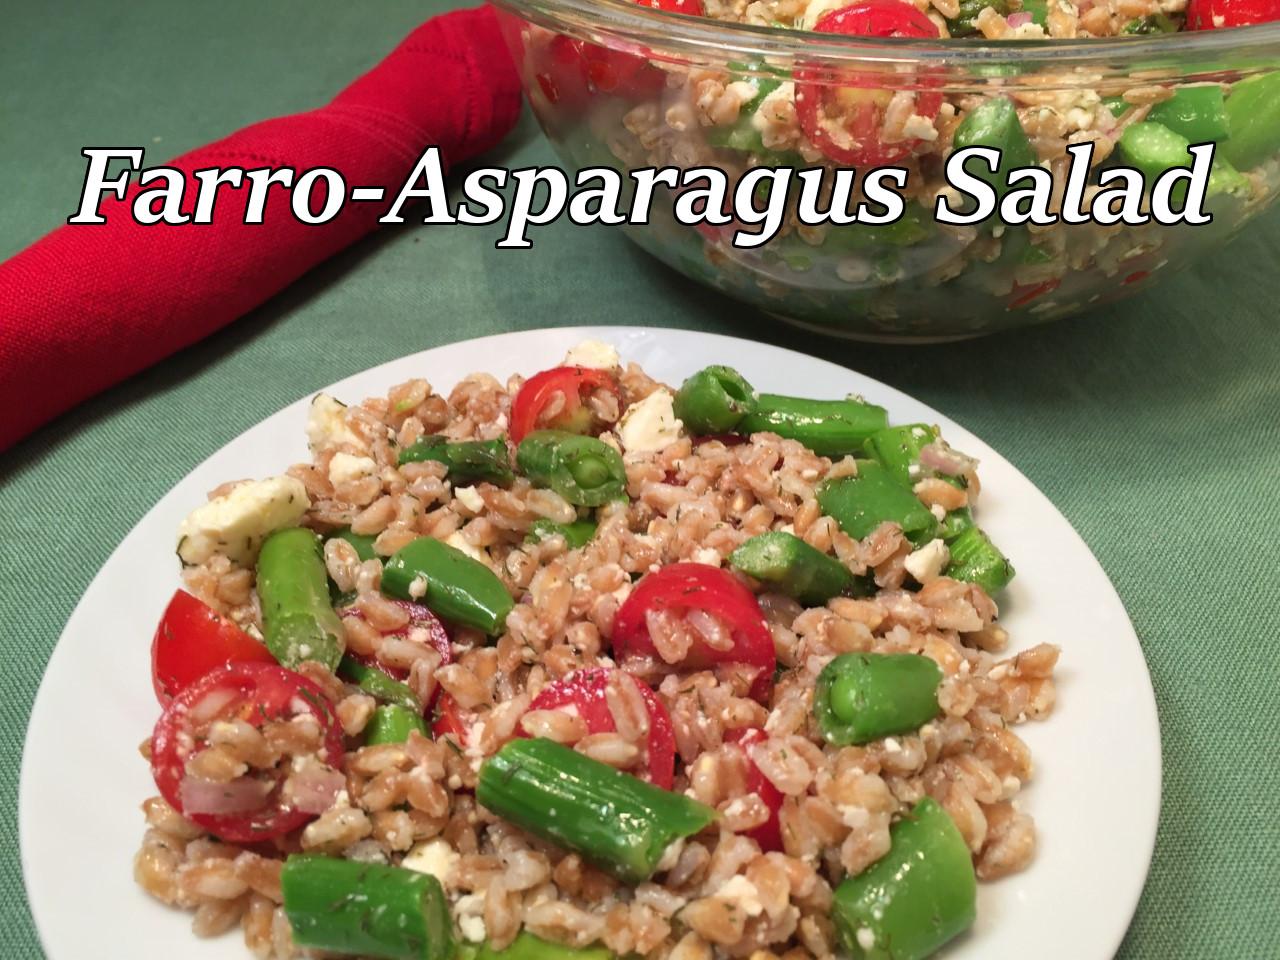 farro asparagus salad text